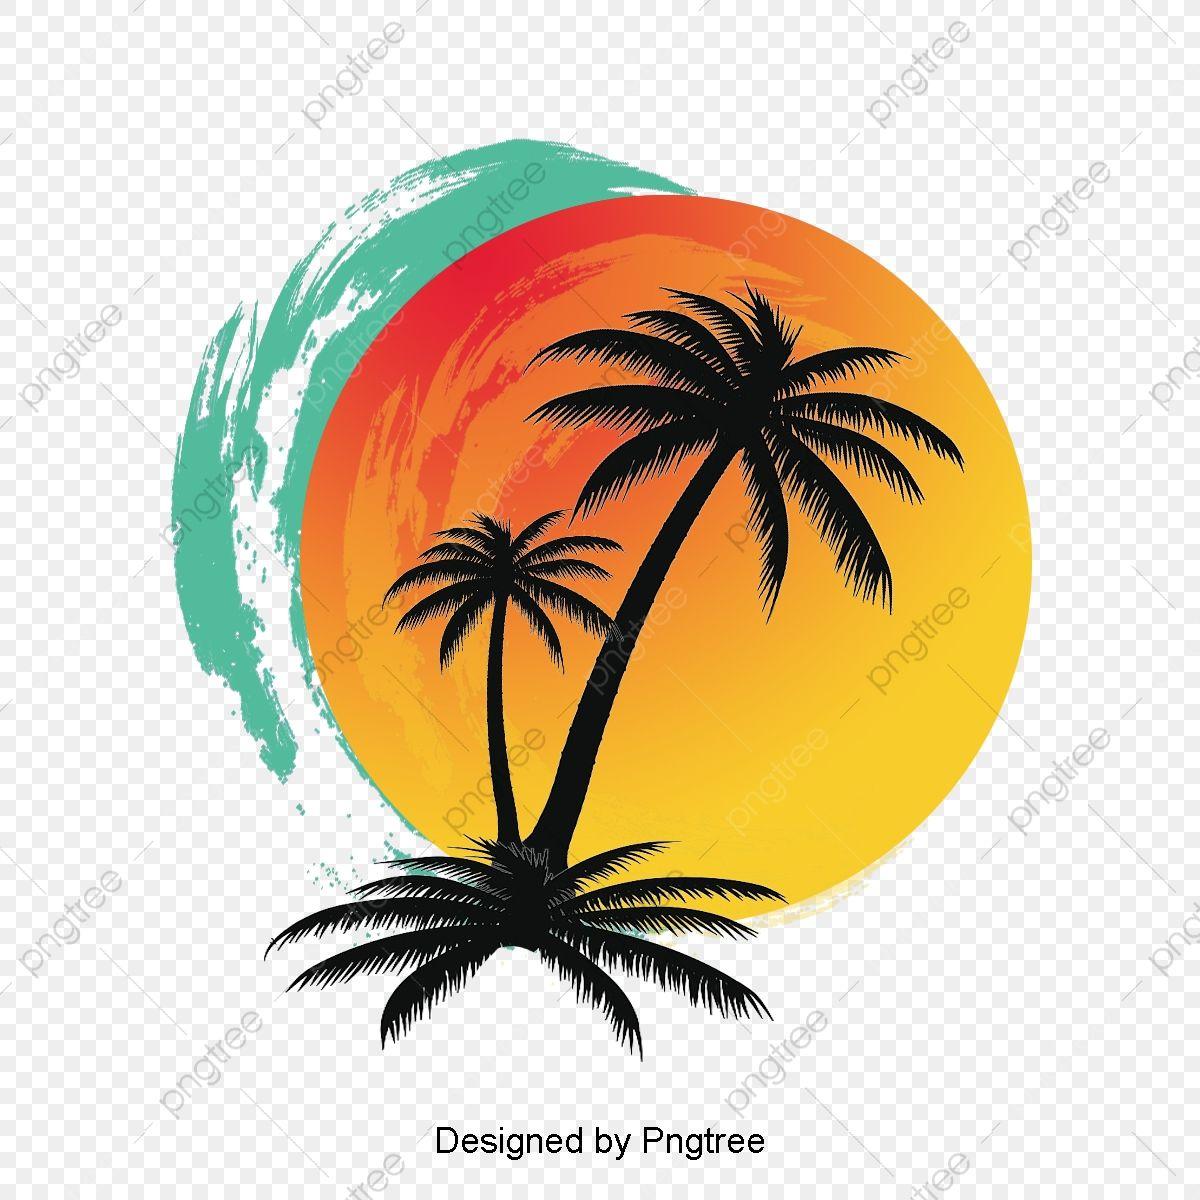 Isla Sombra Clipart Clipart Aves Marinhas Pintado A Mao Imagem Png E Psd Para Download Gratuito Clip Art Watercolor Splash Surf Art